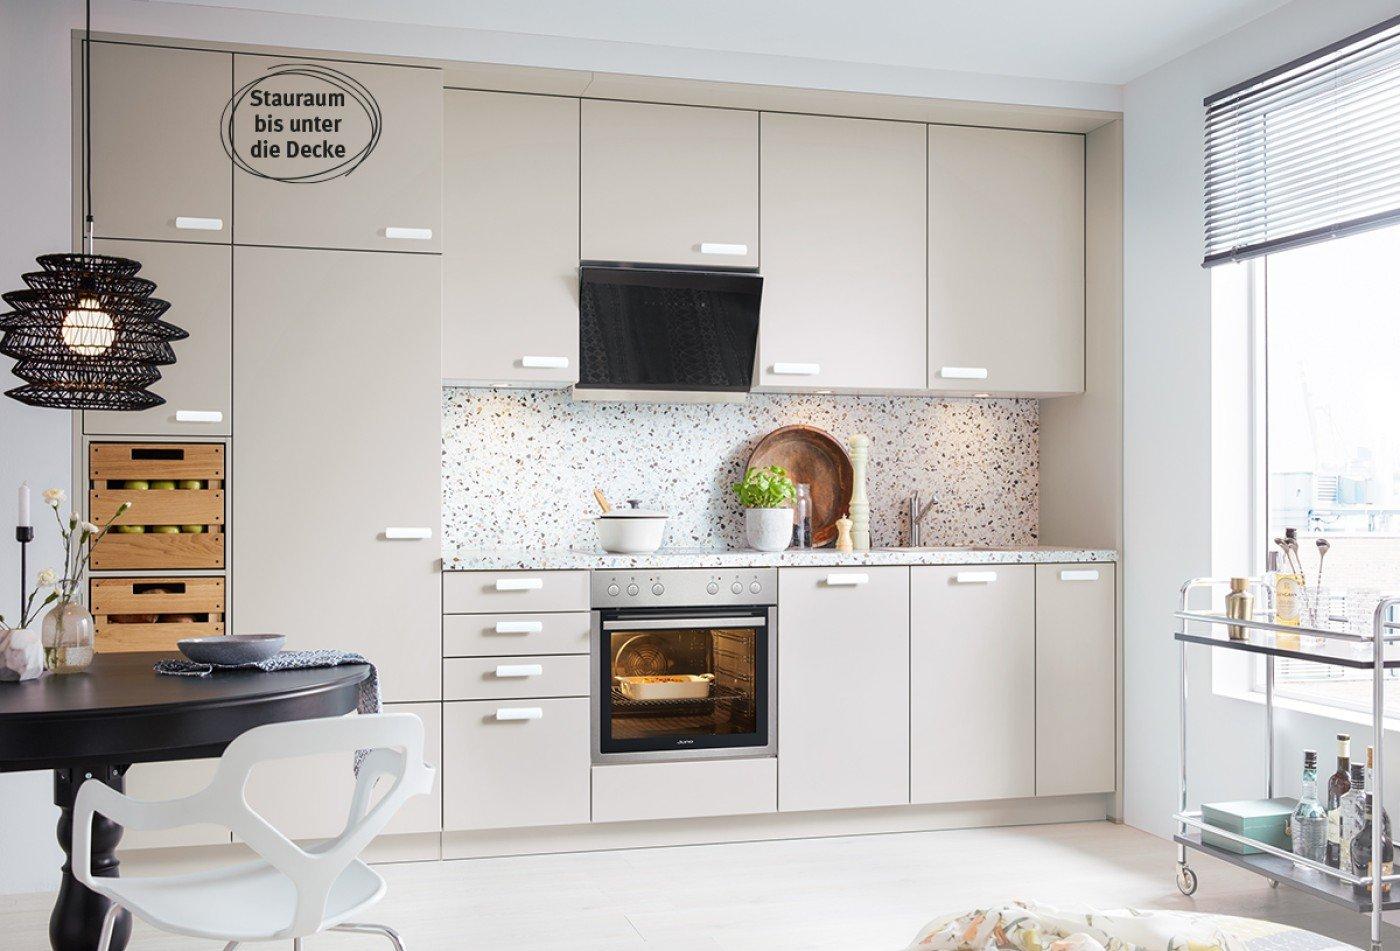 Urbane Tiny Kitchen